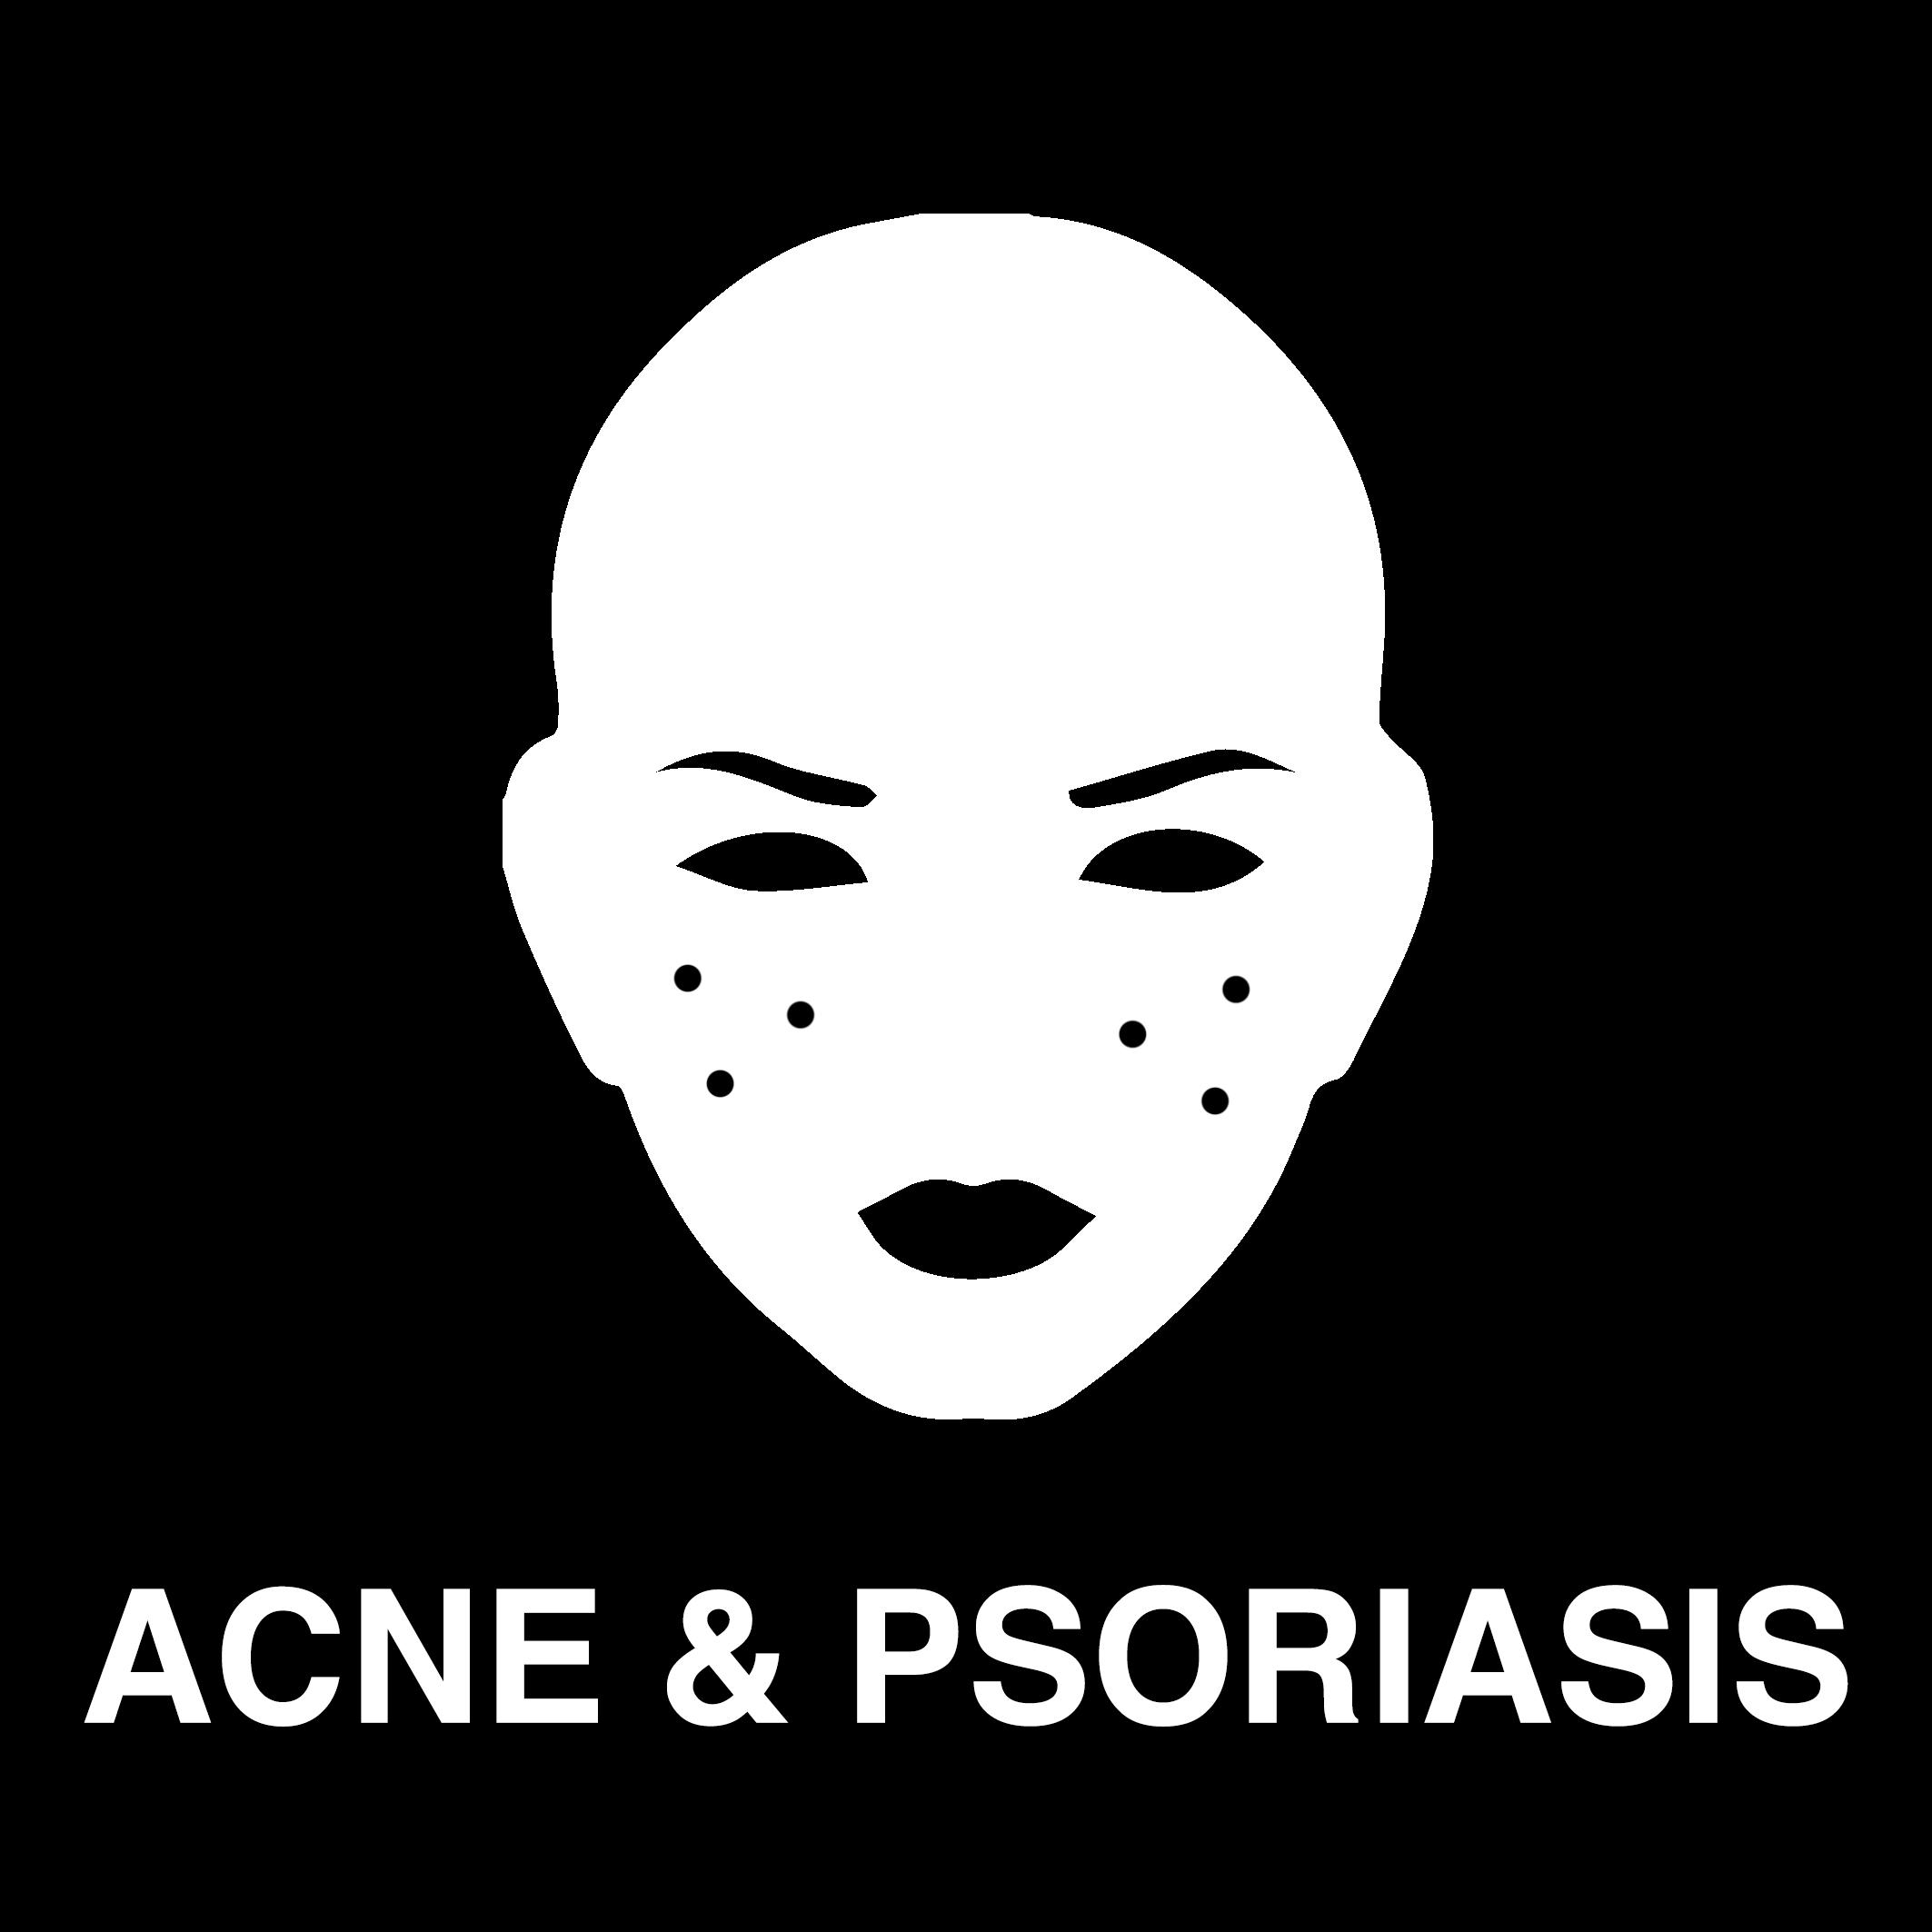 Acne & Psoriasis